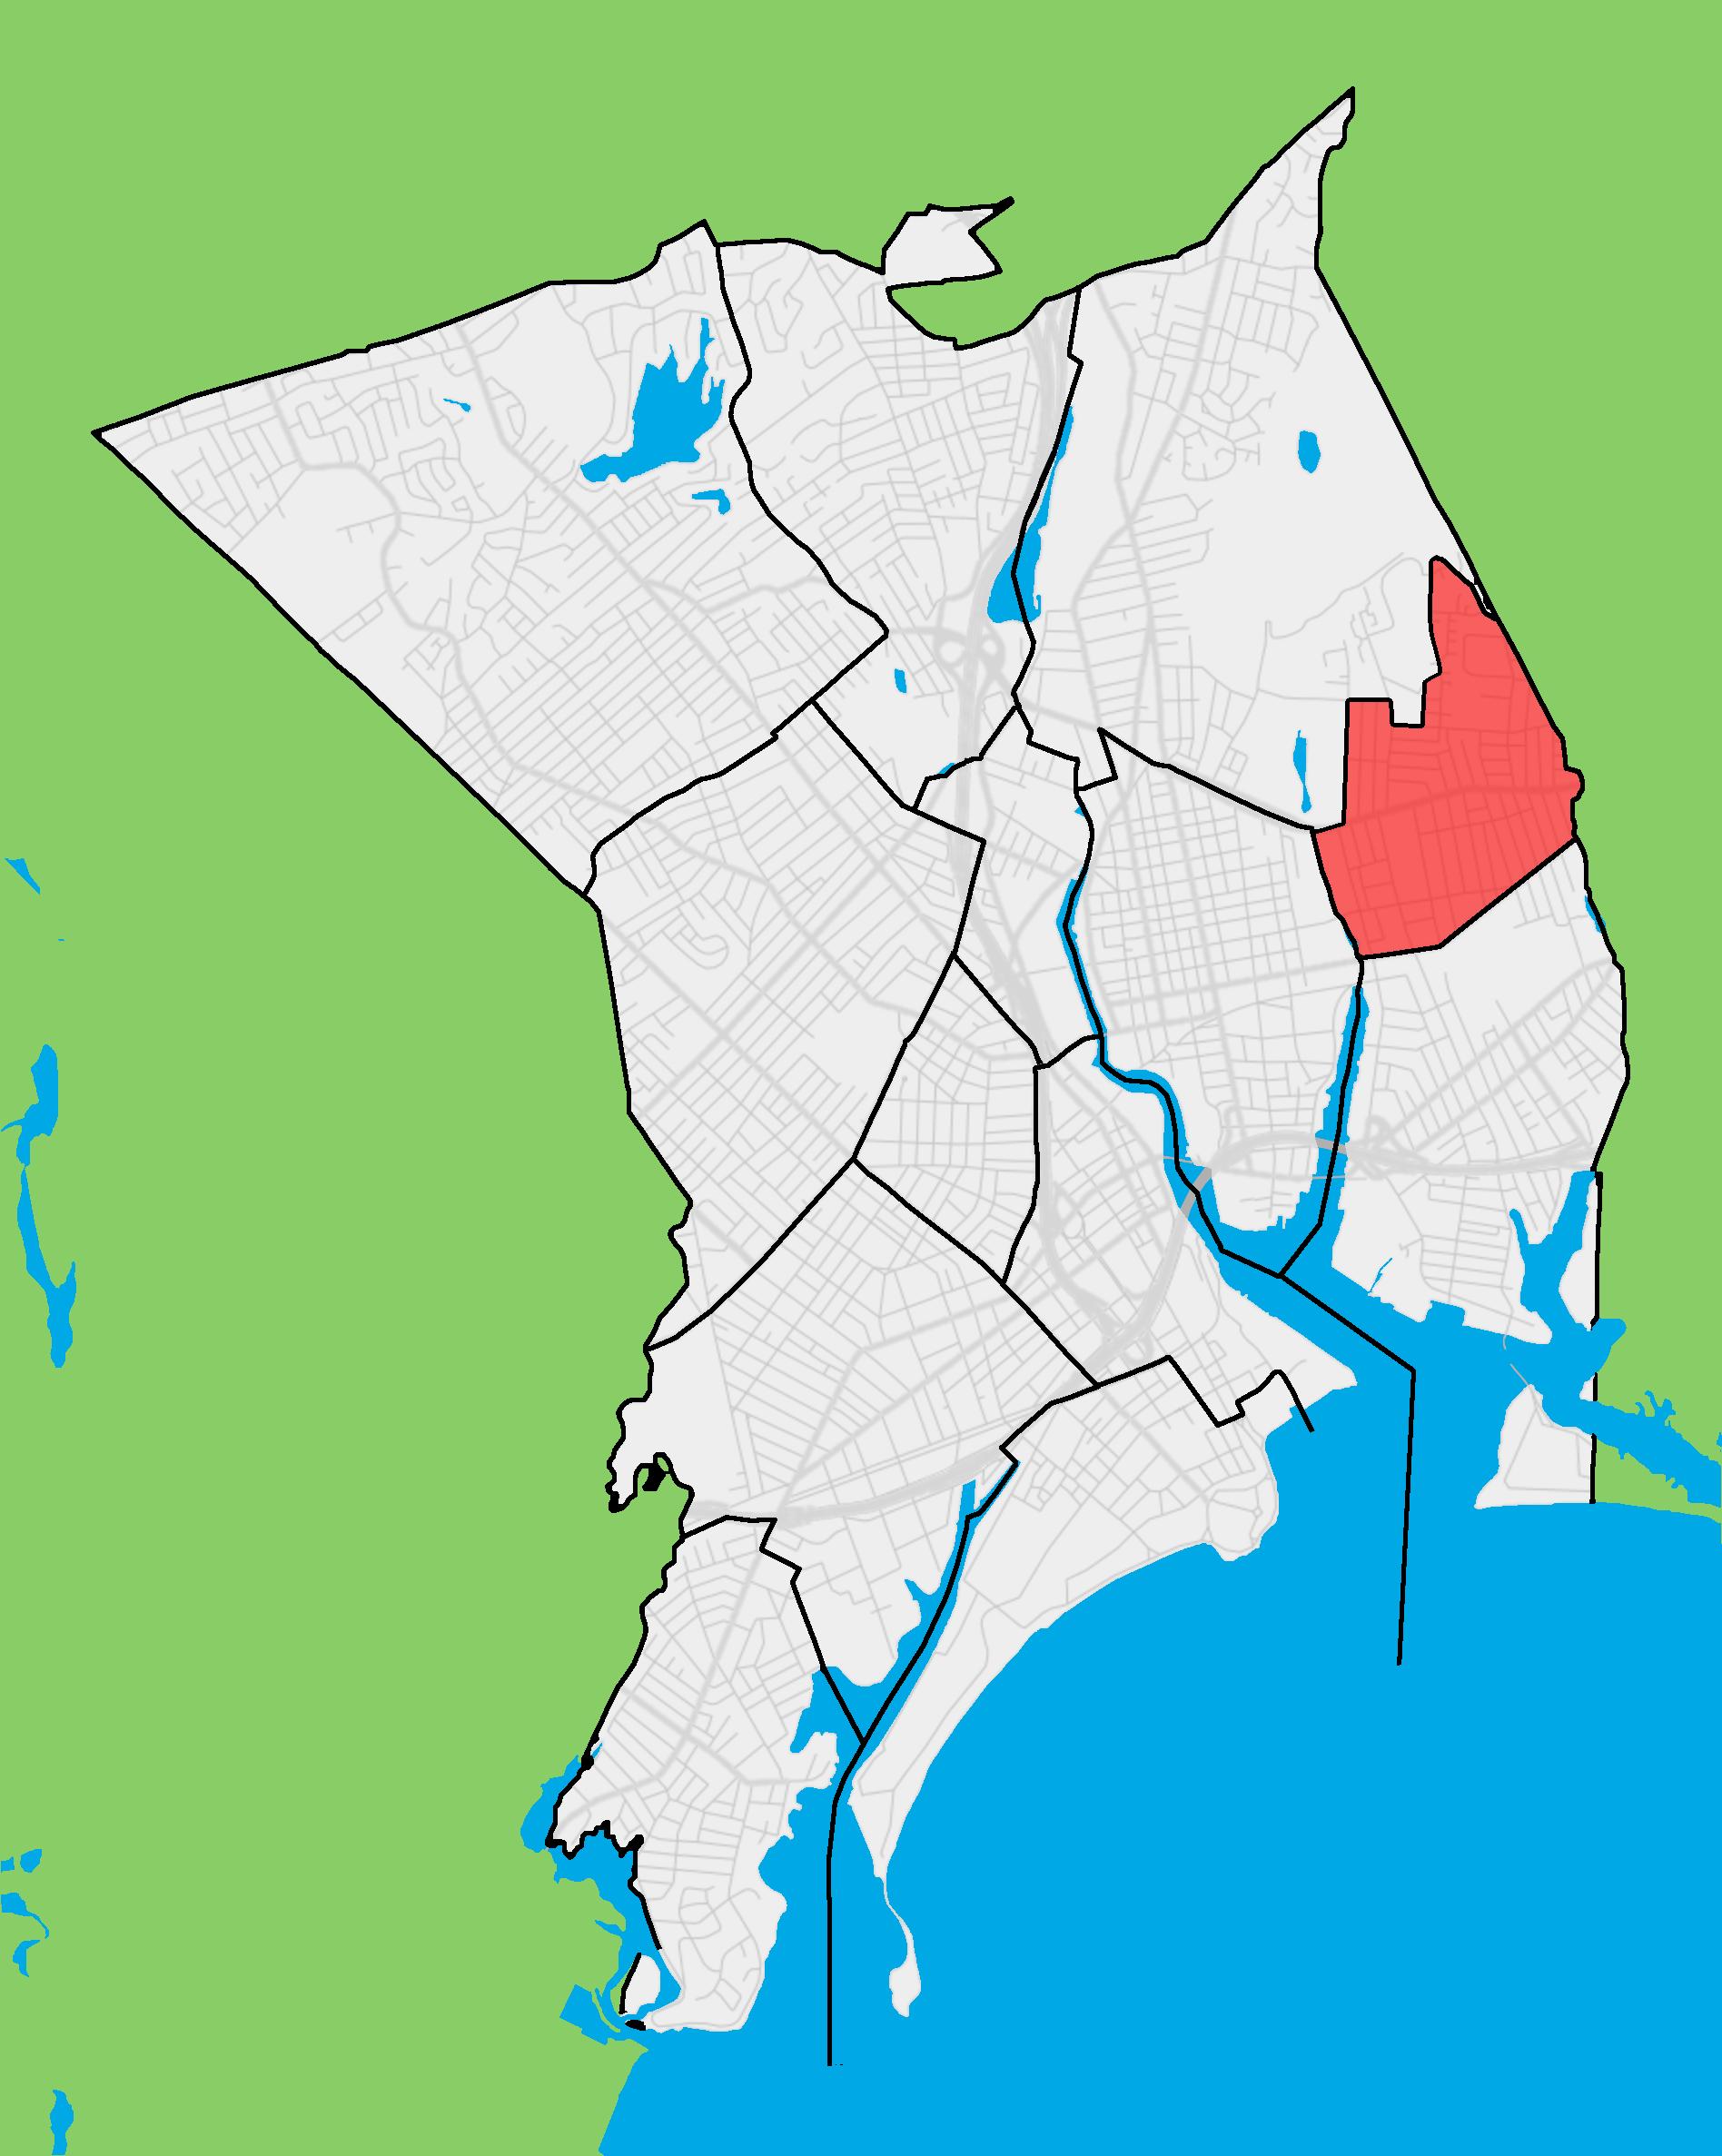 FileBridgeport Neighborhood Map Boston Ave Mill Hillpng - Boston neighborhood map